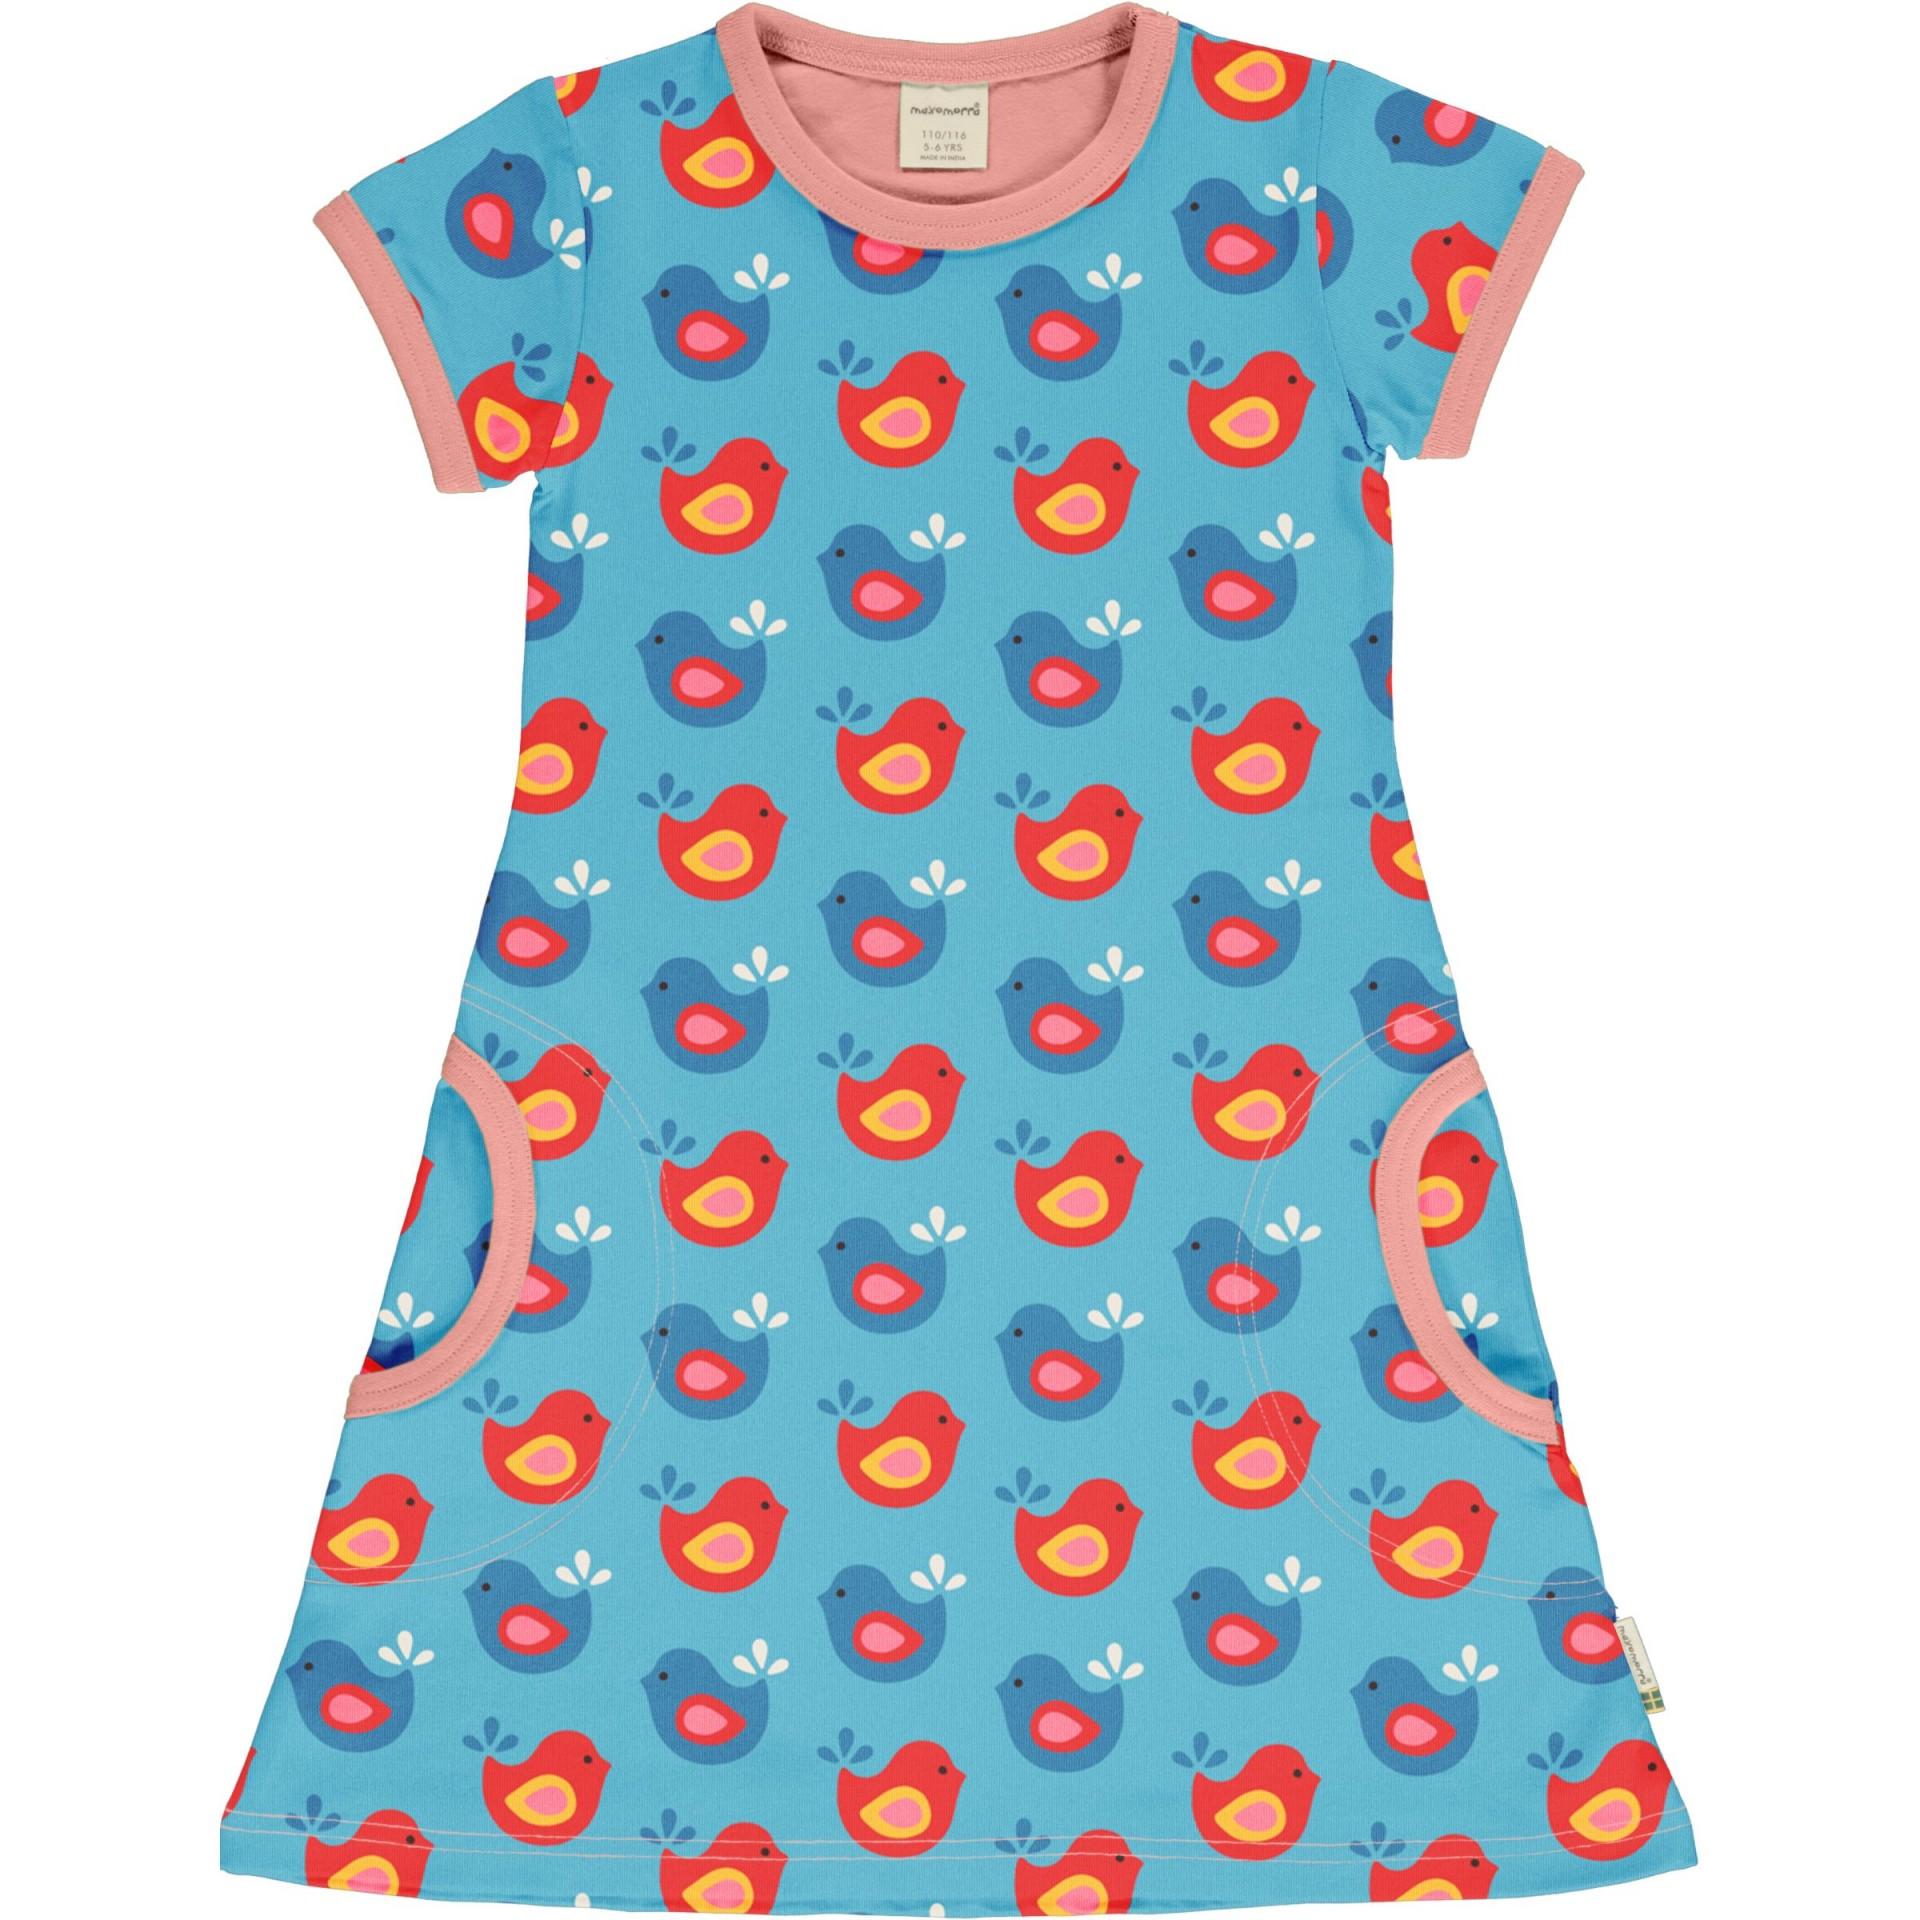 Vestido manga curta Bright birds Maxomorra (Tamanhos disponíveis 18-24m, 3-4a)